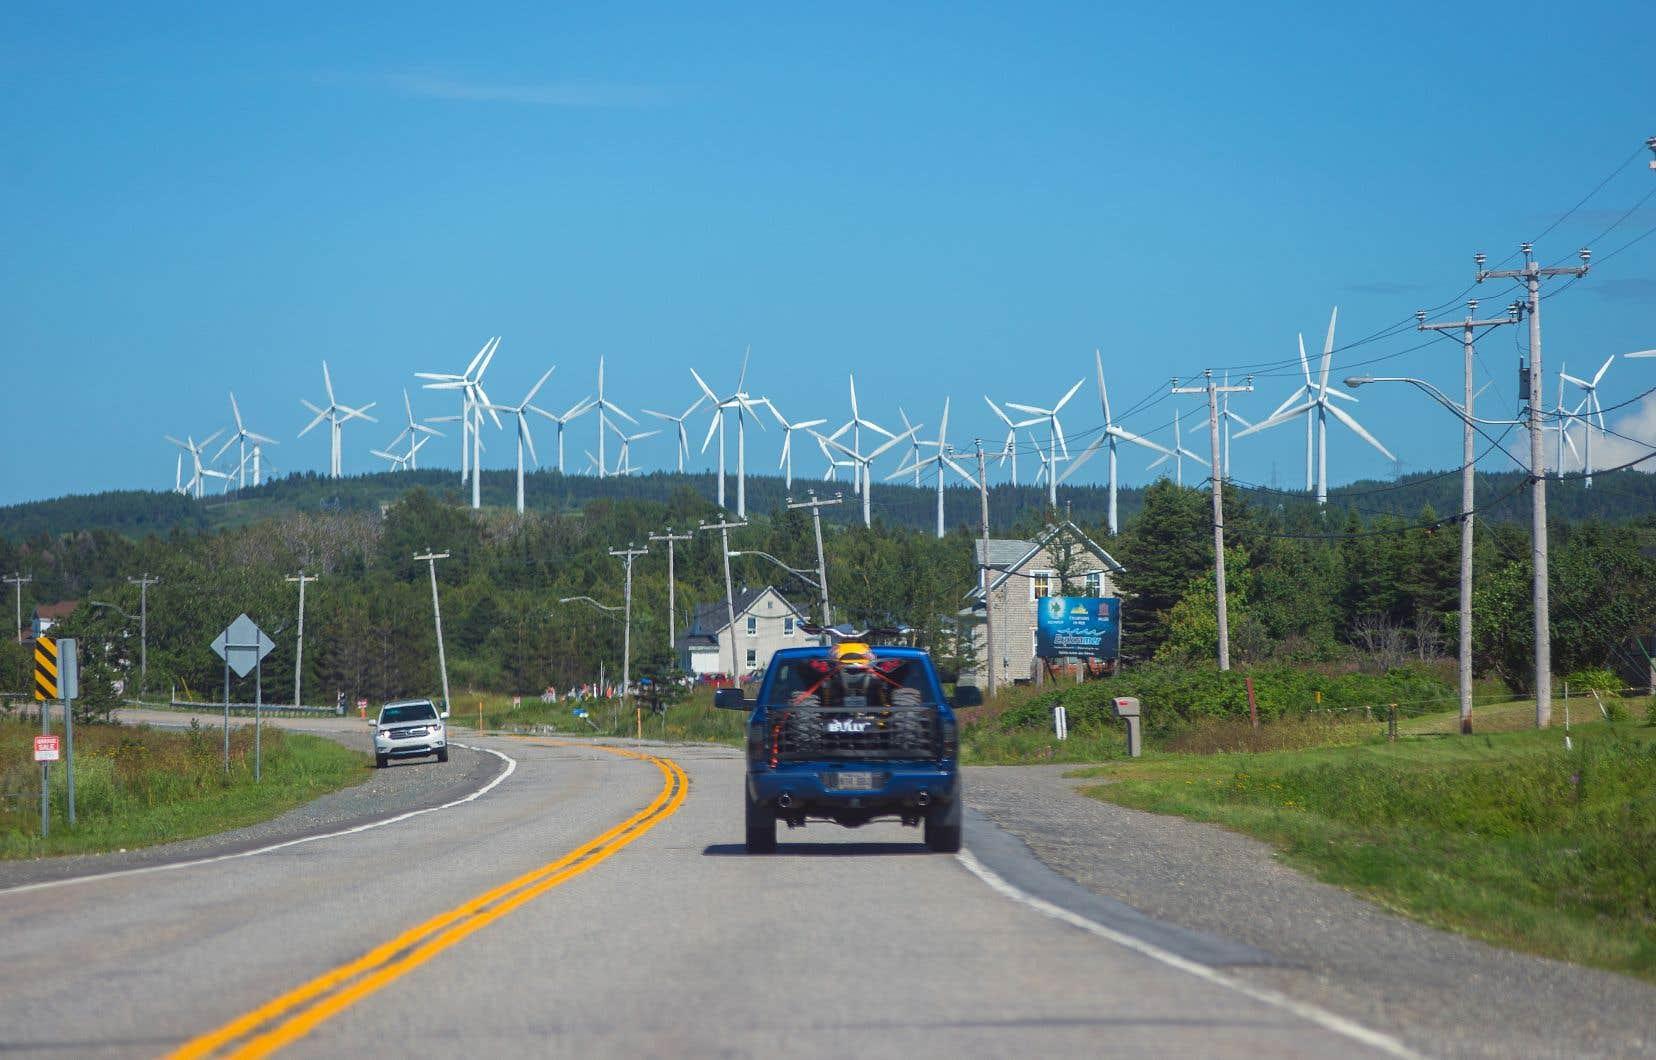 «L'éolien est l'option la plus abordable qui s'offre aux Québécois pour de futurs approvisionnements, comme le démontrent les plus récents contrats éoliens en Alberta et en Saskatchewan, octroyés pour des coûts inférieurs à 0,04$/kWh», écrit l'auteur.